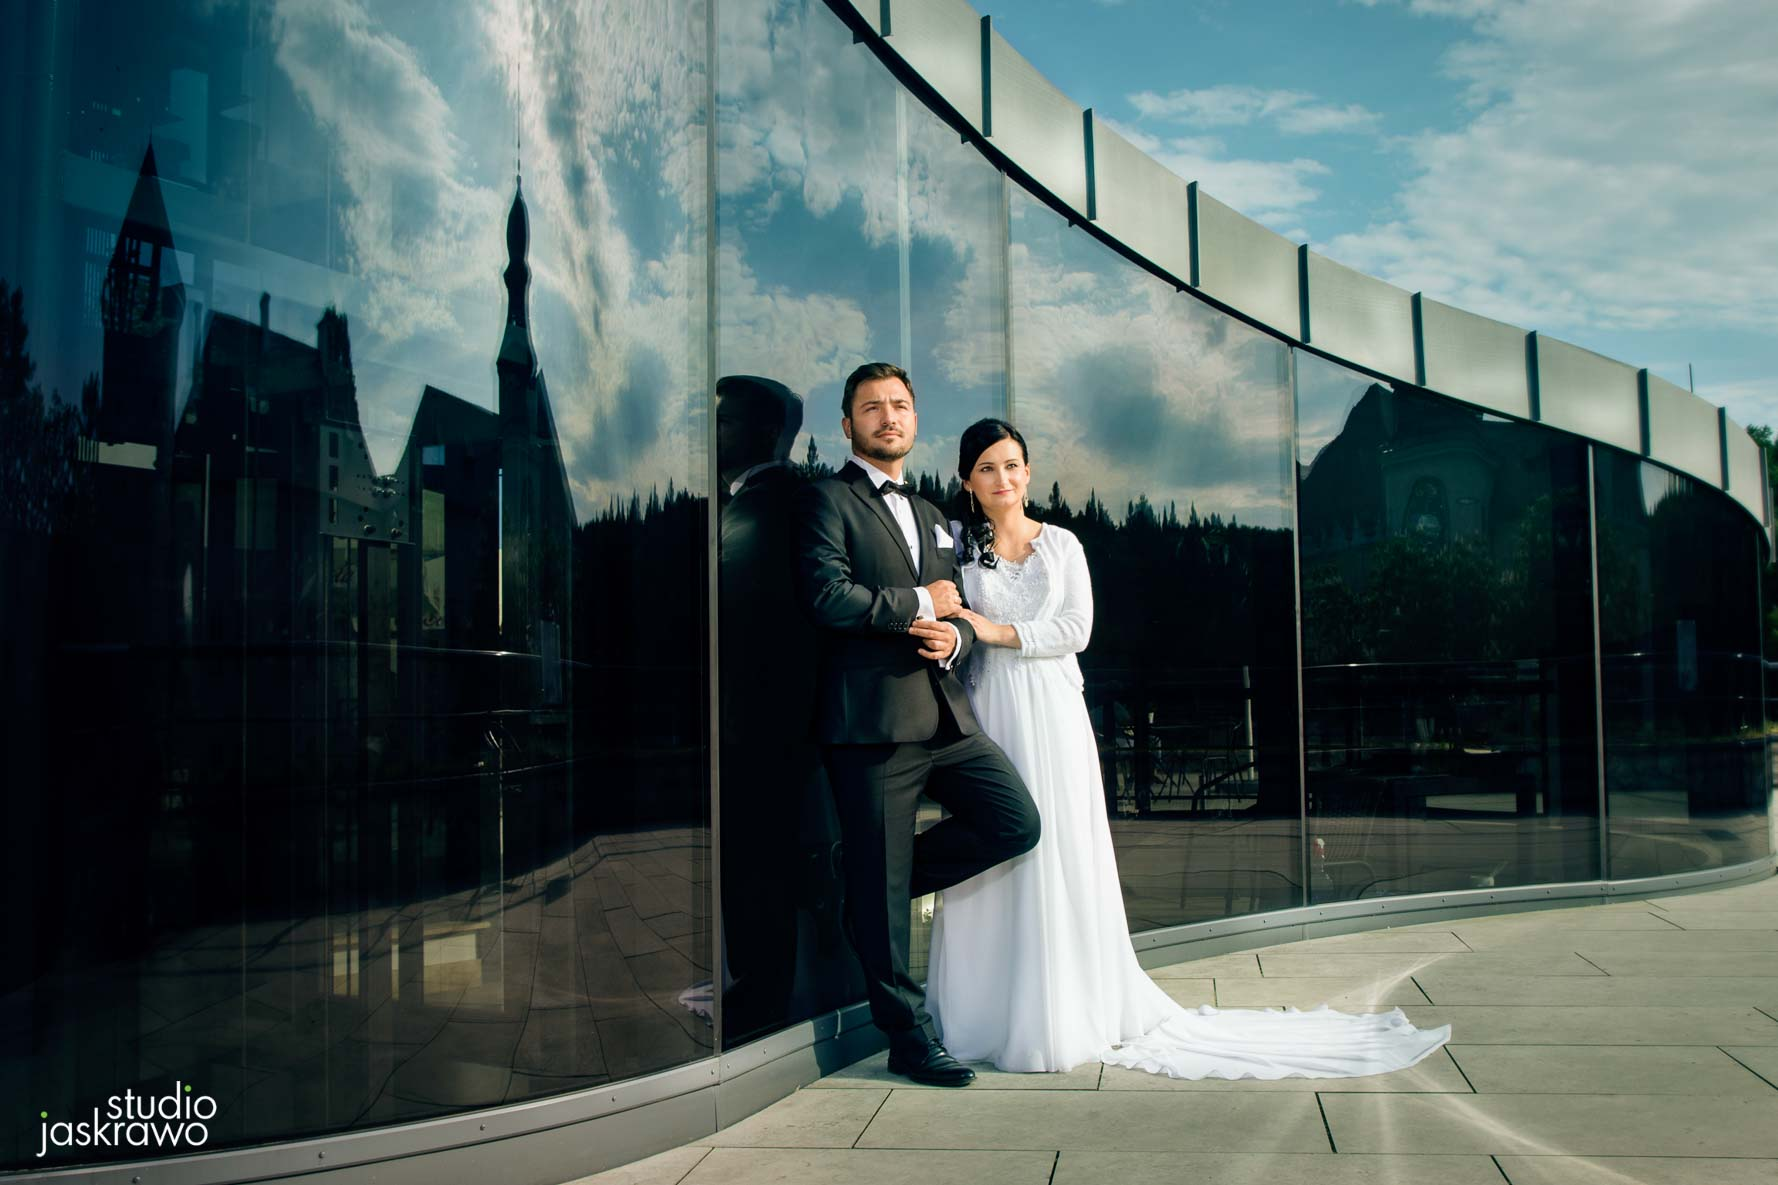 kobieta w sukni ślubnej i mężczyzna w garniturze na tle szklanej ściany